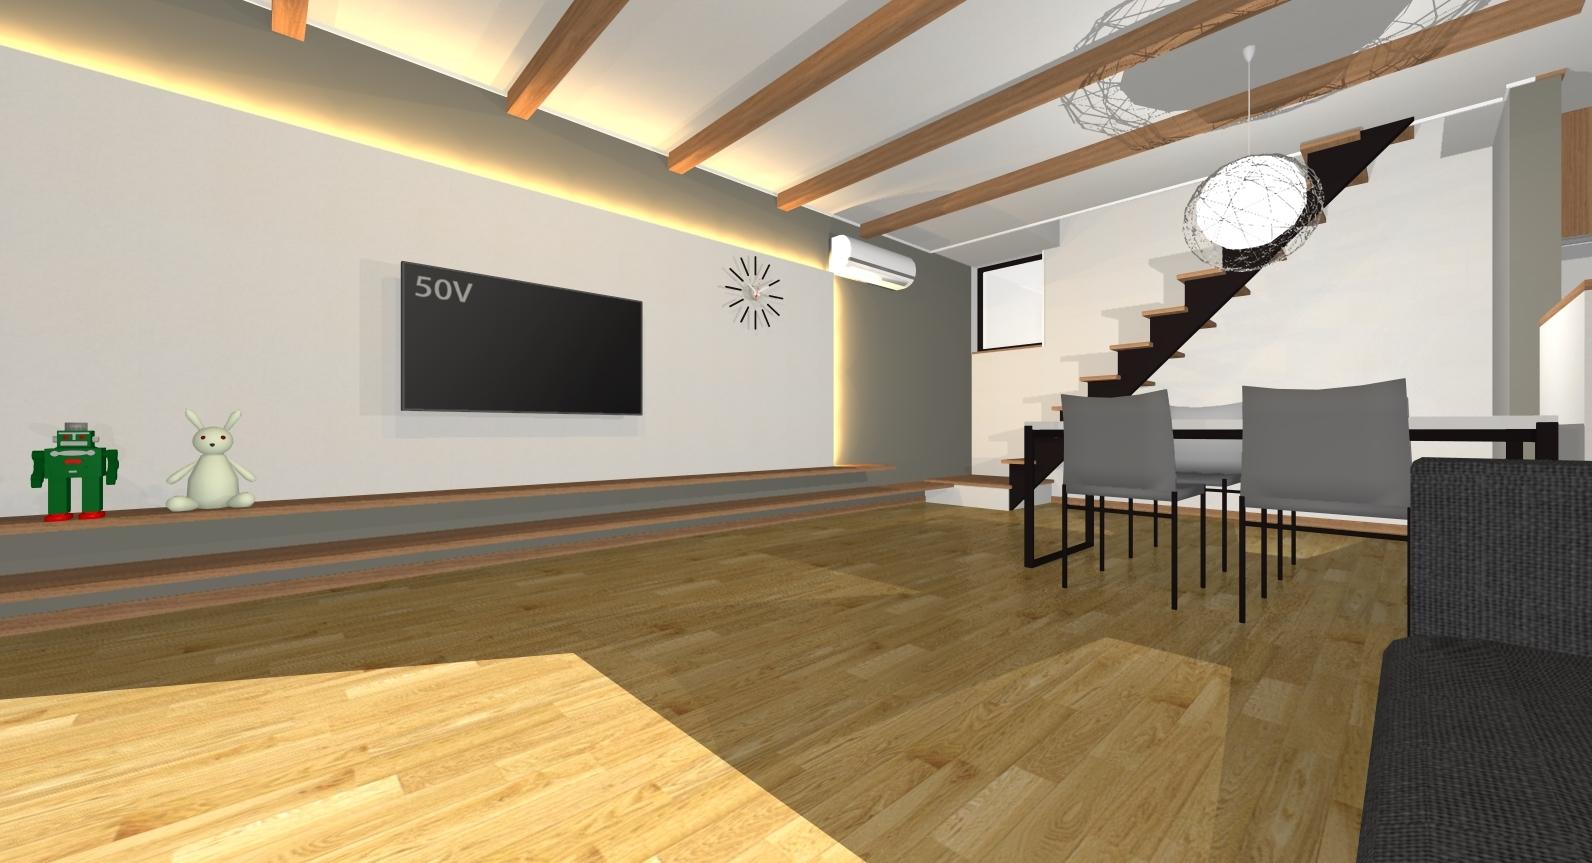 ガーデンシティ高木3号地新築住宅|化粧梁が空間を広く見せてくれます